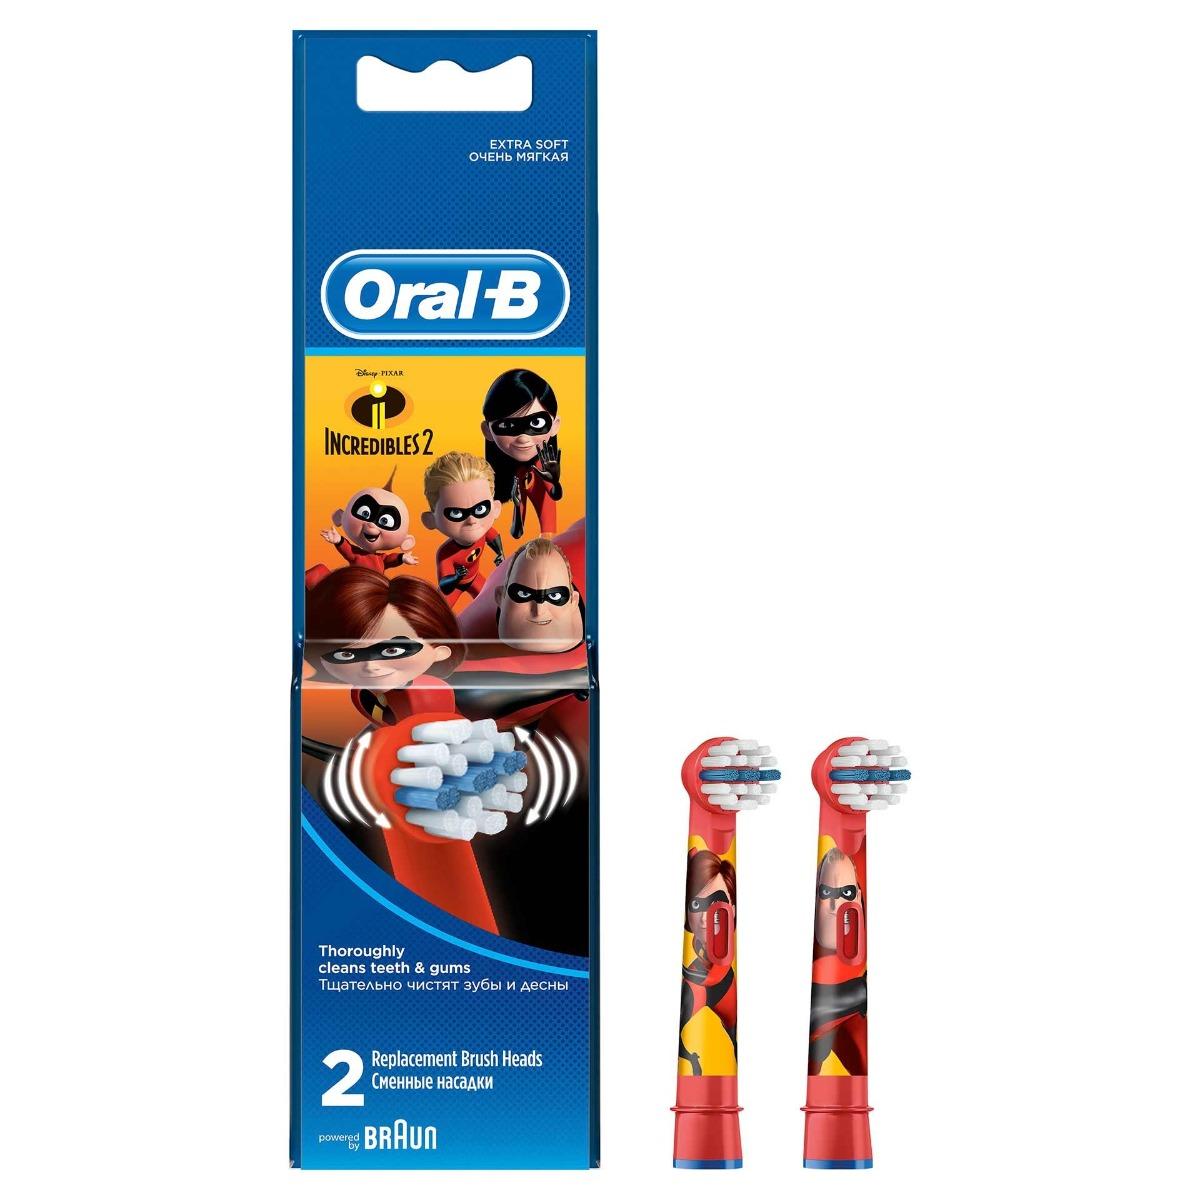 Rezerva periuta electrica Incredibles, 2 bucati, Oral-B imagine drmax.ro